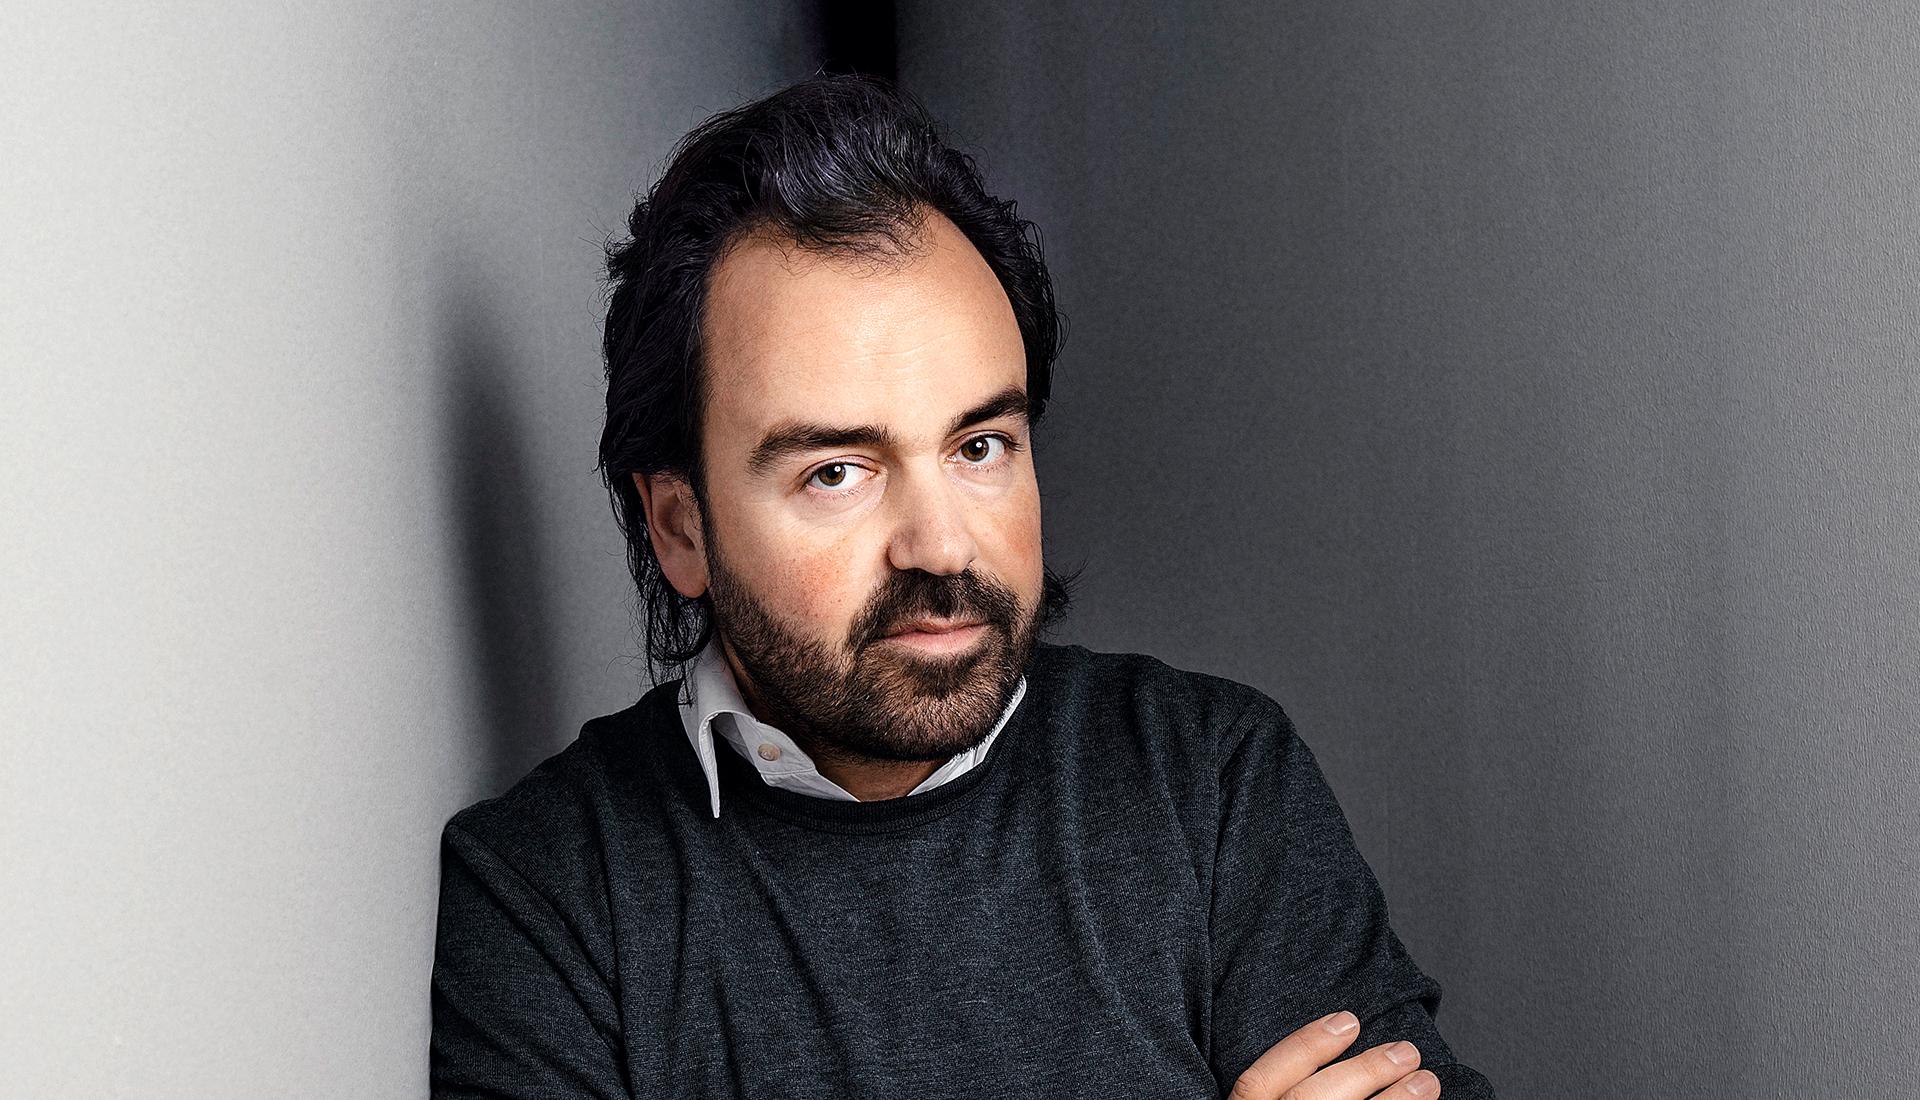 Иван Баан: рассказывать о человеке через архитектуру